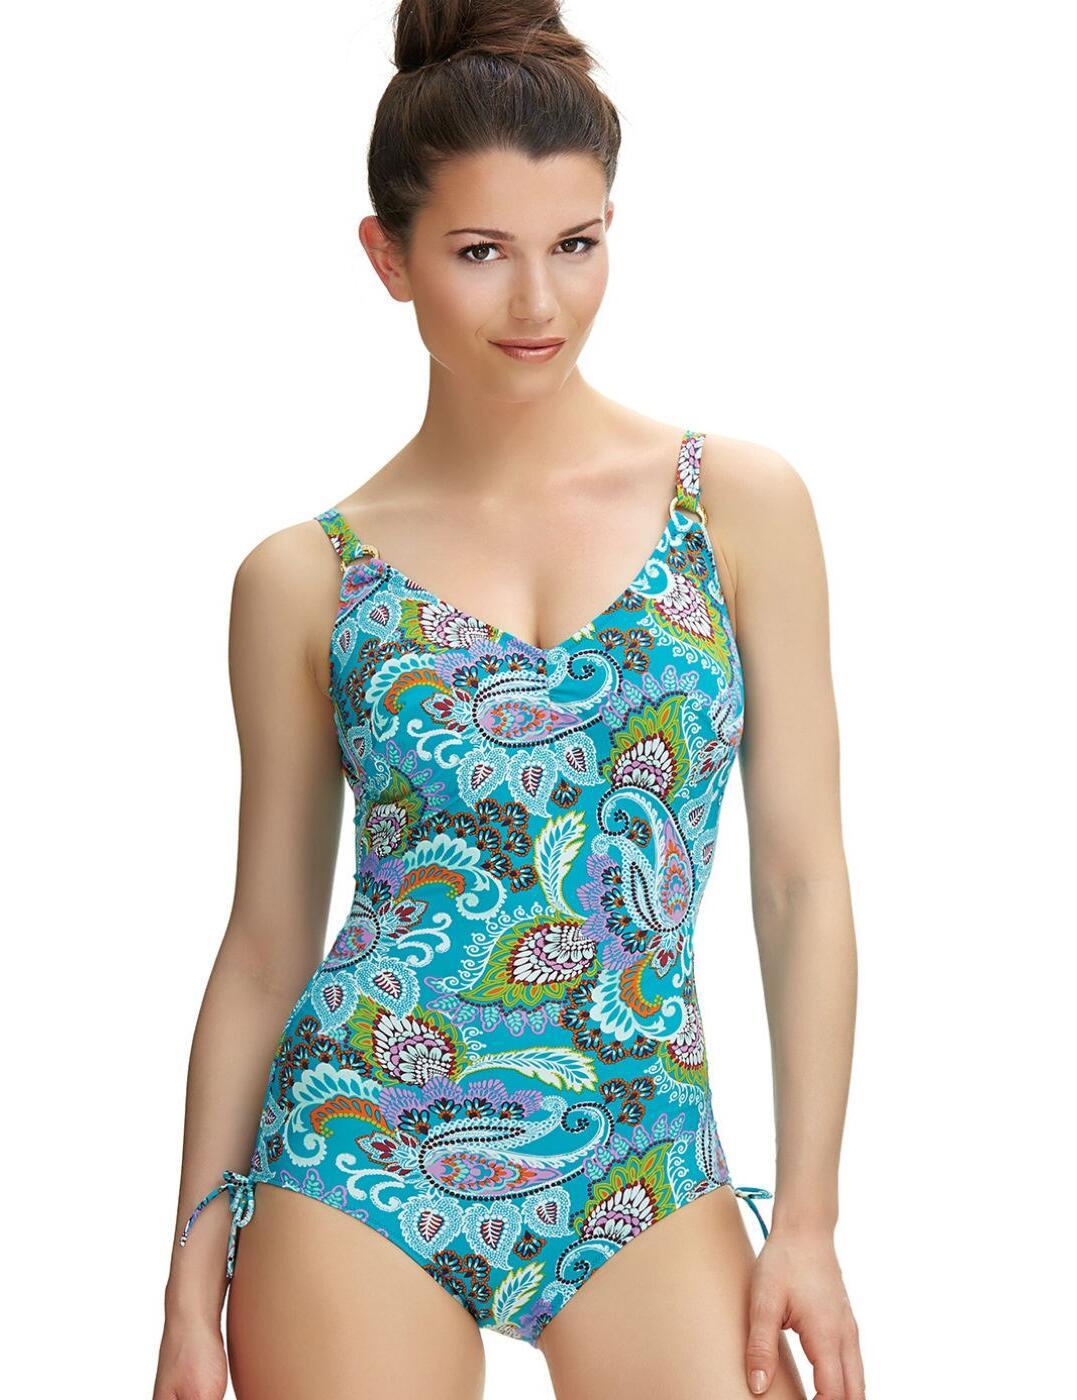 6272 Fantasie Viana V-Neck Swimsuit Multi - 6272 Swimsuit